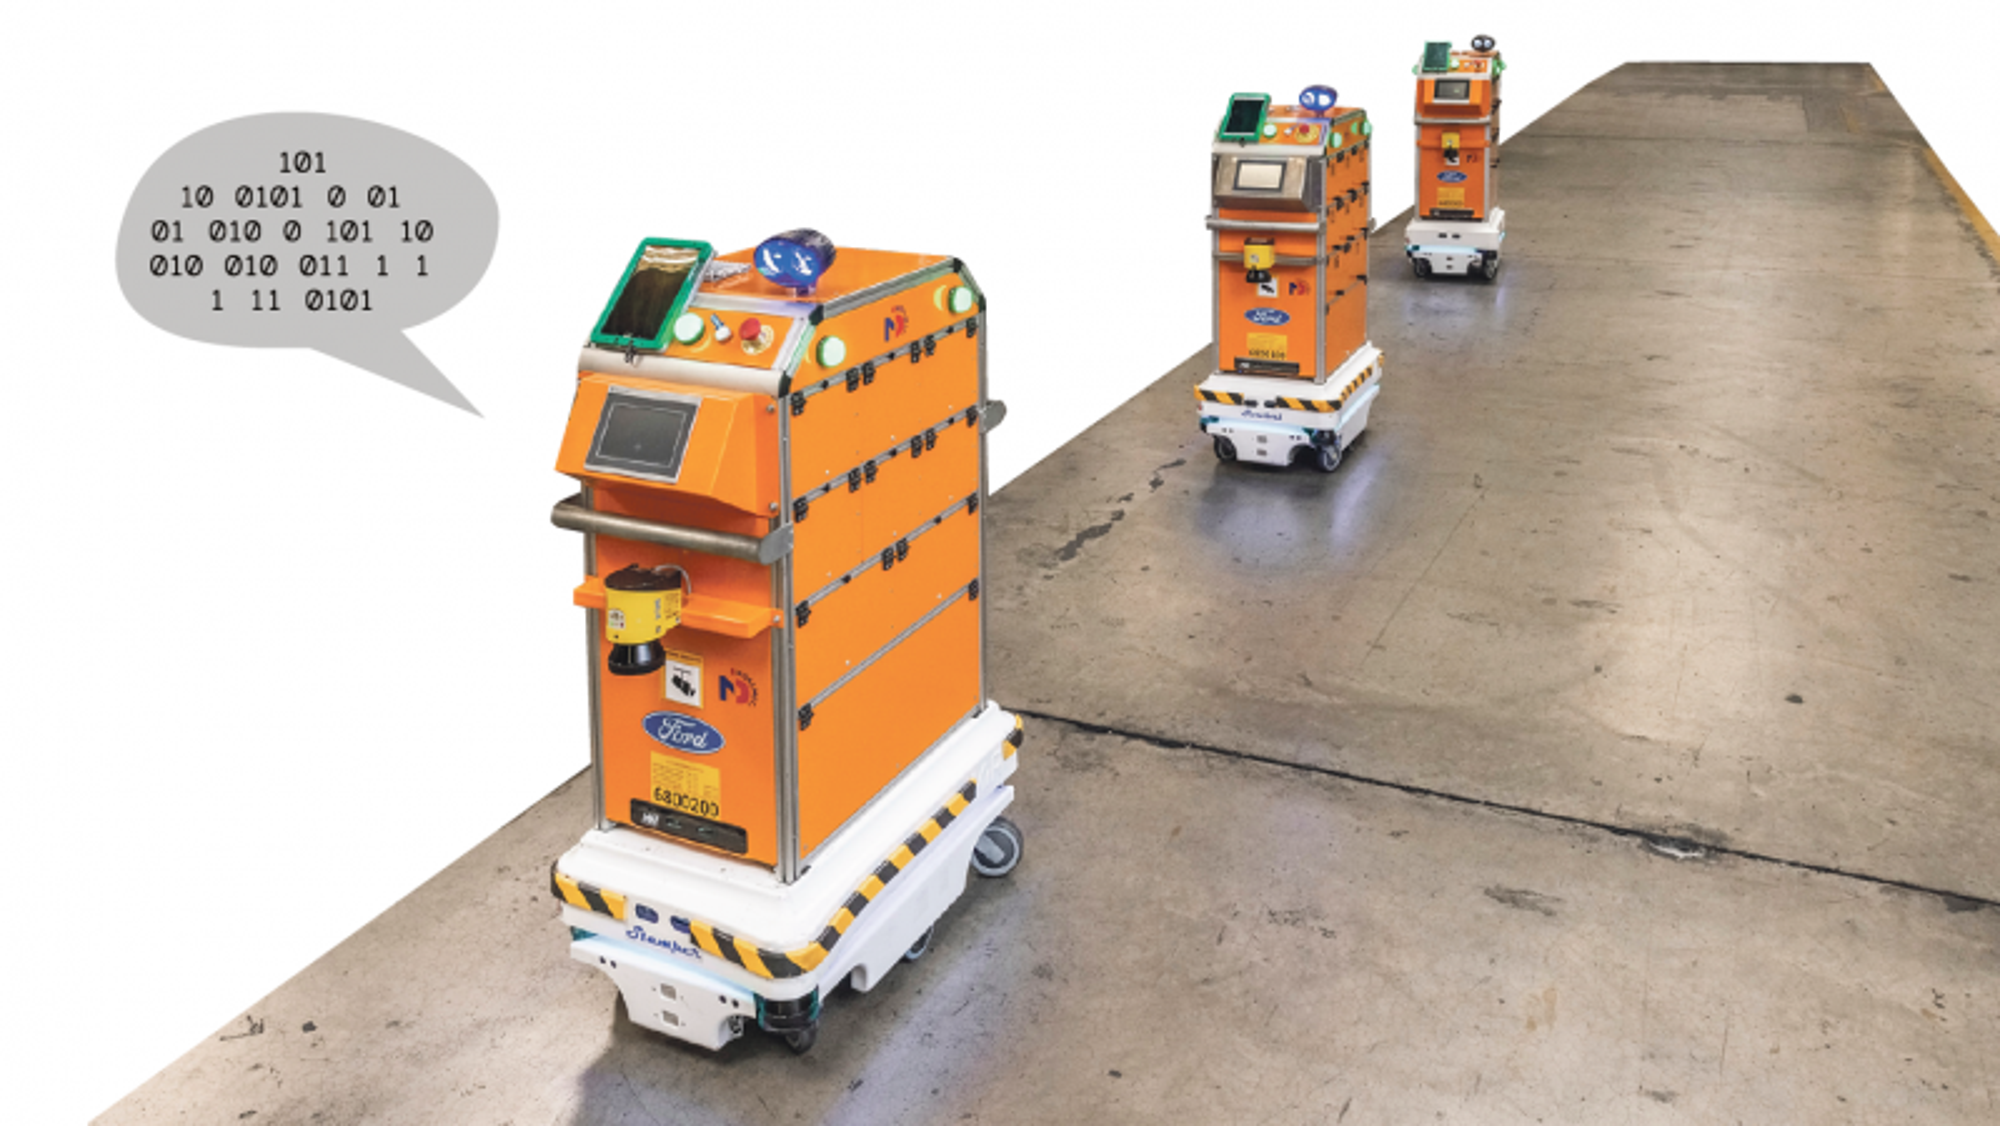 I dag er det ikke mye sosial intelligens i de forskjellige typene transport-roboter som ferdes blant mennesker på fabrikker og sykehus. Og veien til reelt «sosialt intelligente» roboter er både lang og kronglete, mener mange eksperter på området.